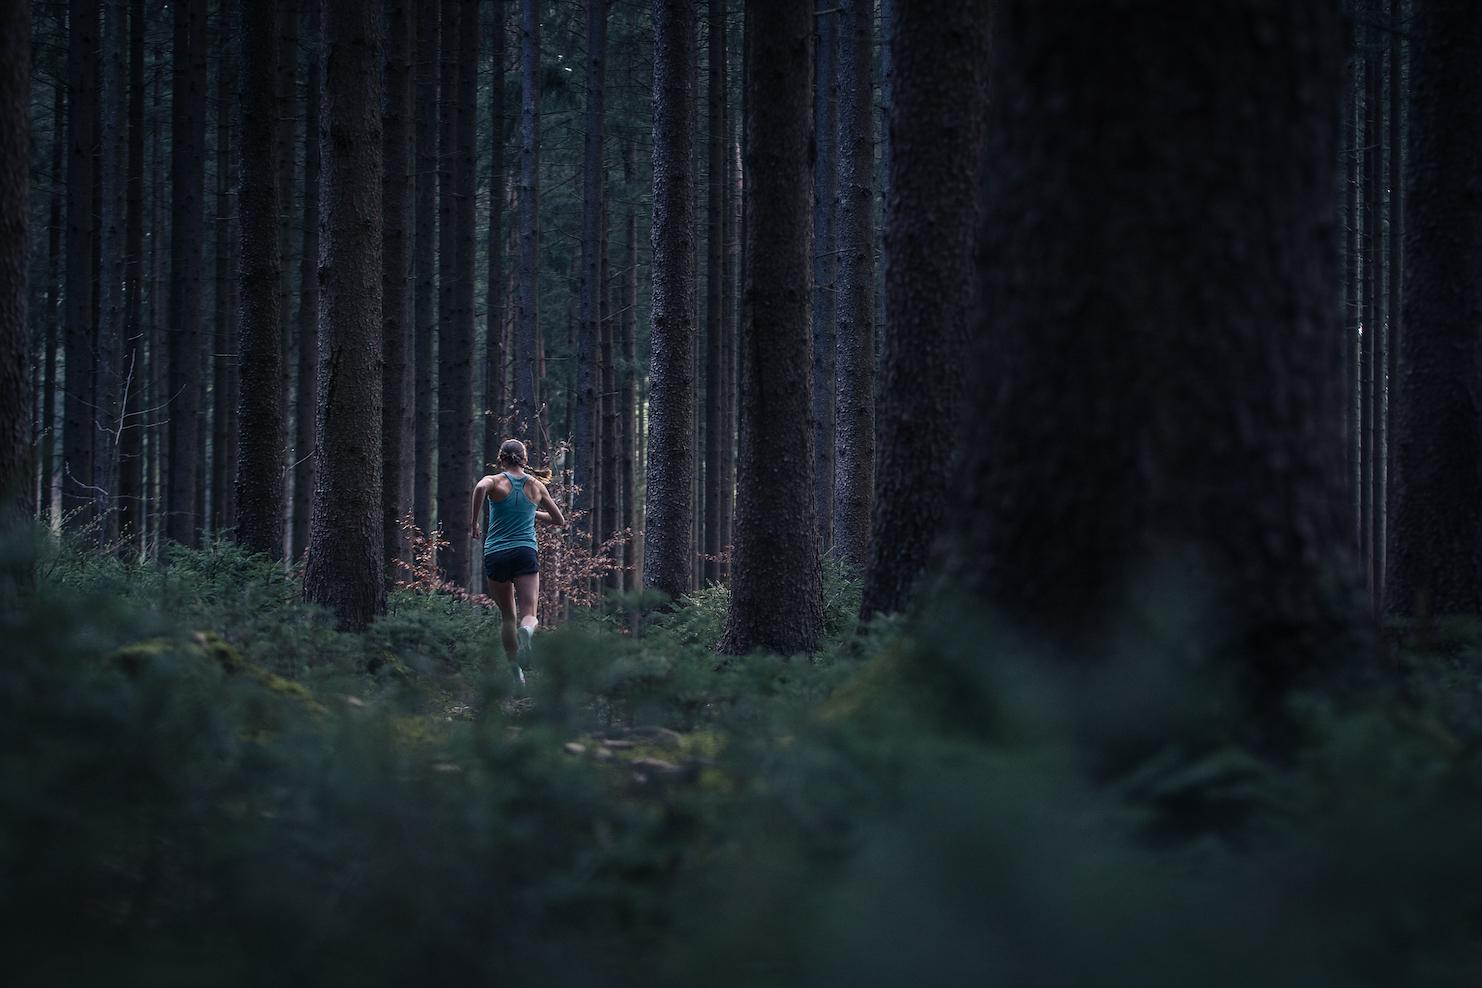 Foto: Christoph Jorda